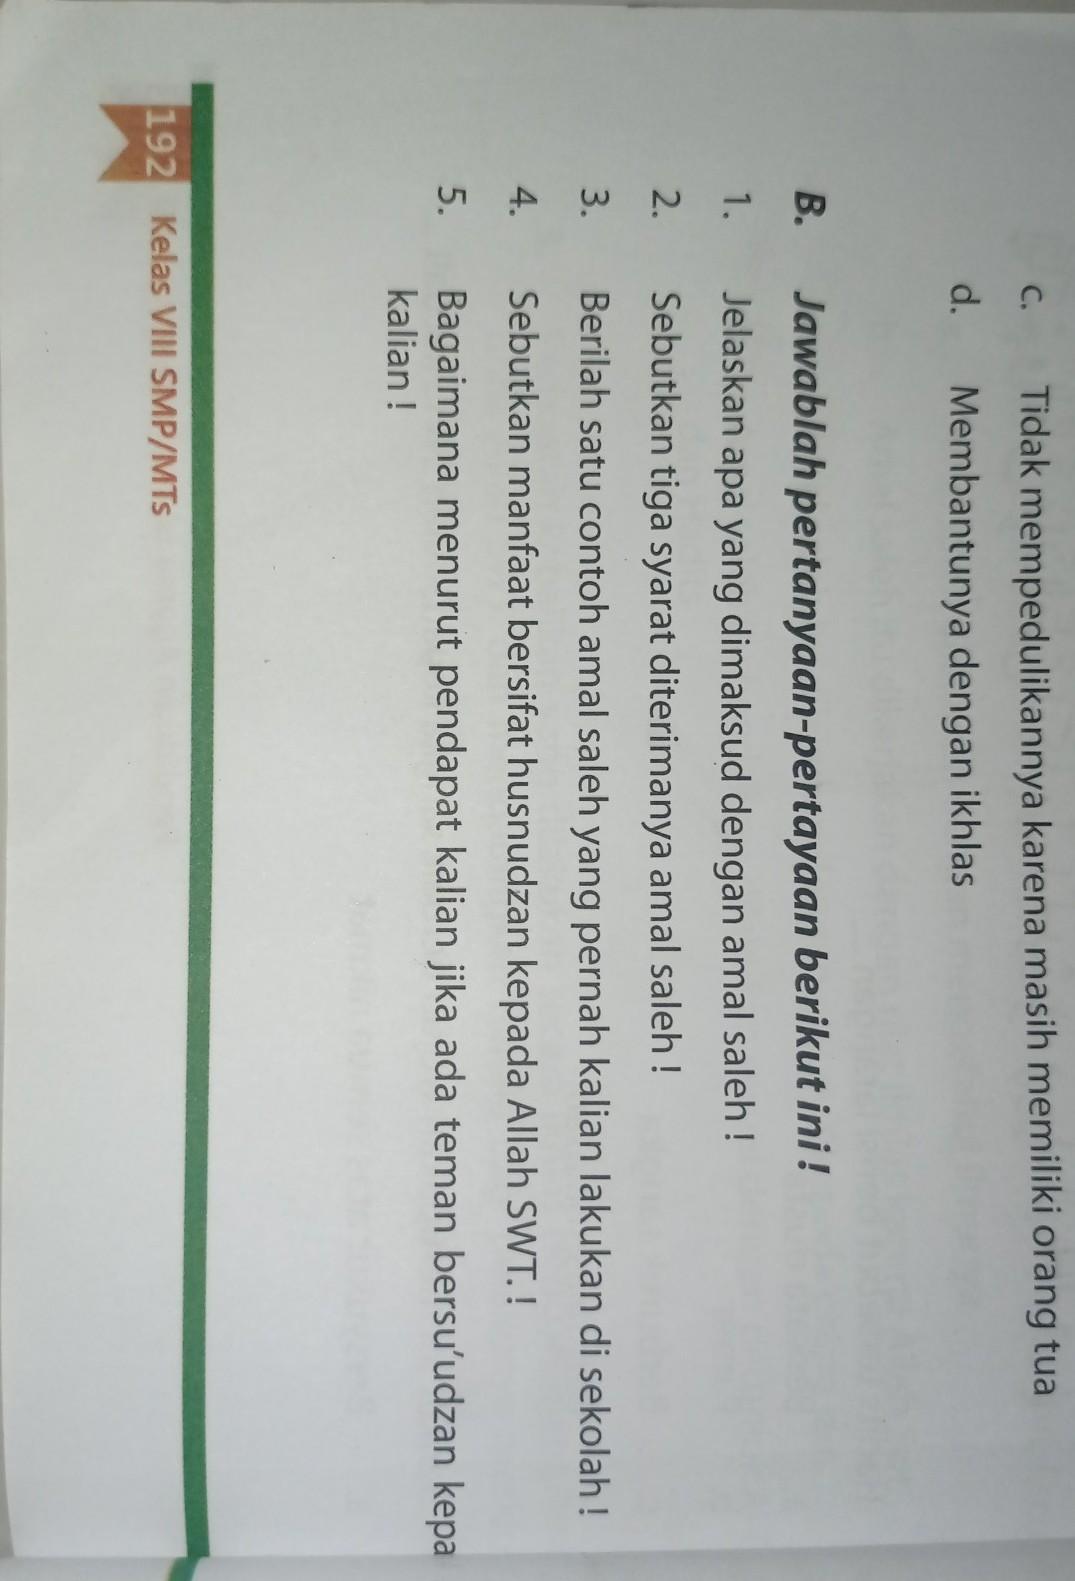 5 Contoh Amal Saleh : contoh, saleh, Jawaban, Bahasa, Indonesia, Kelas, Halaman, Menjawab